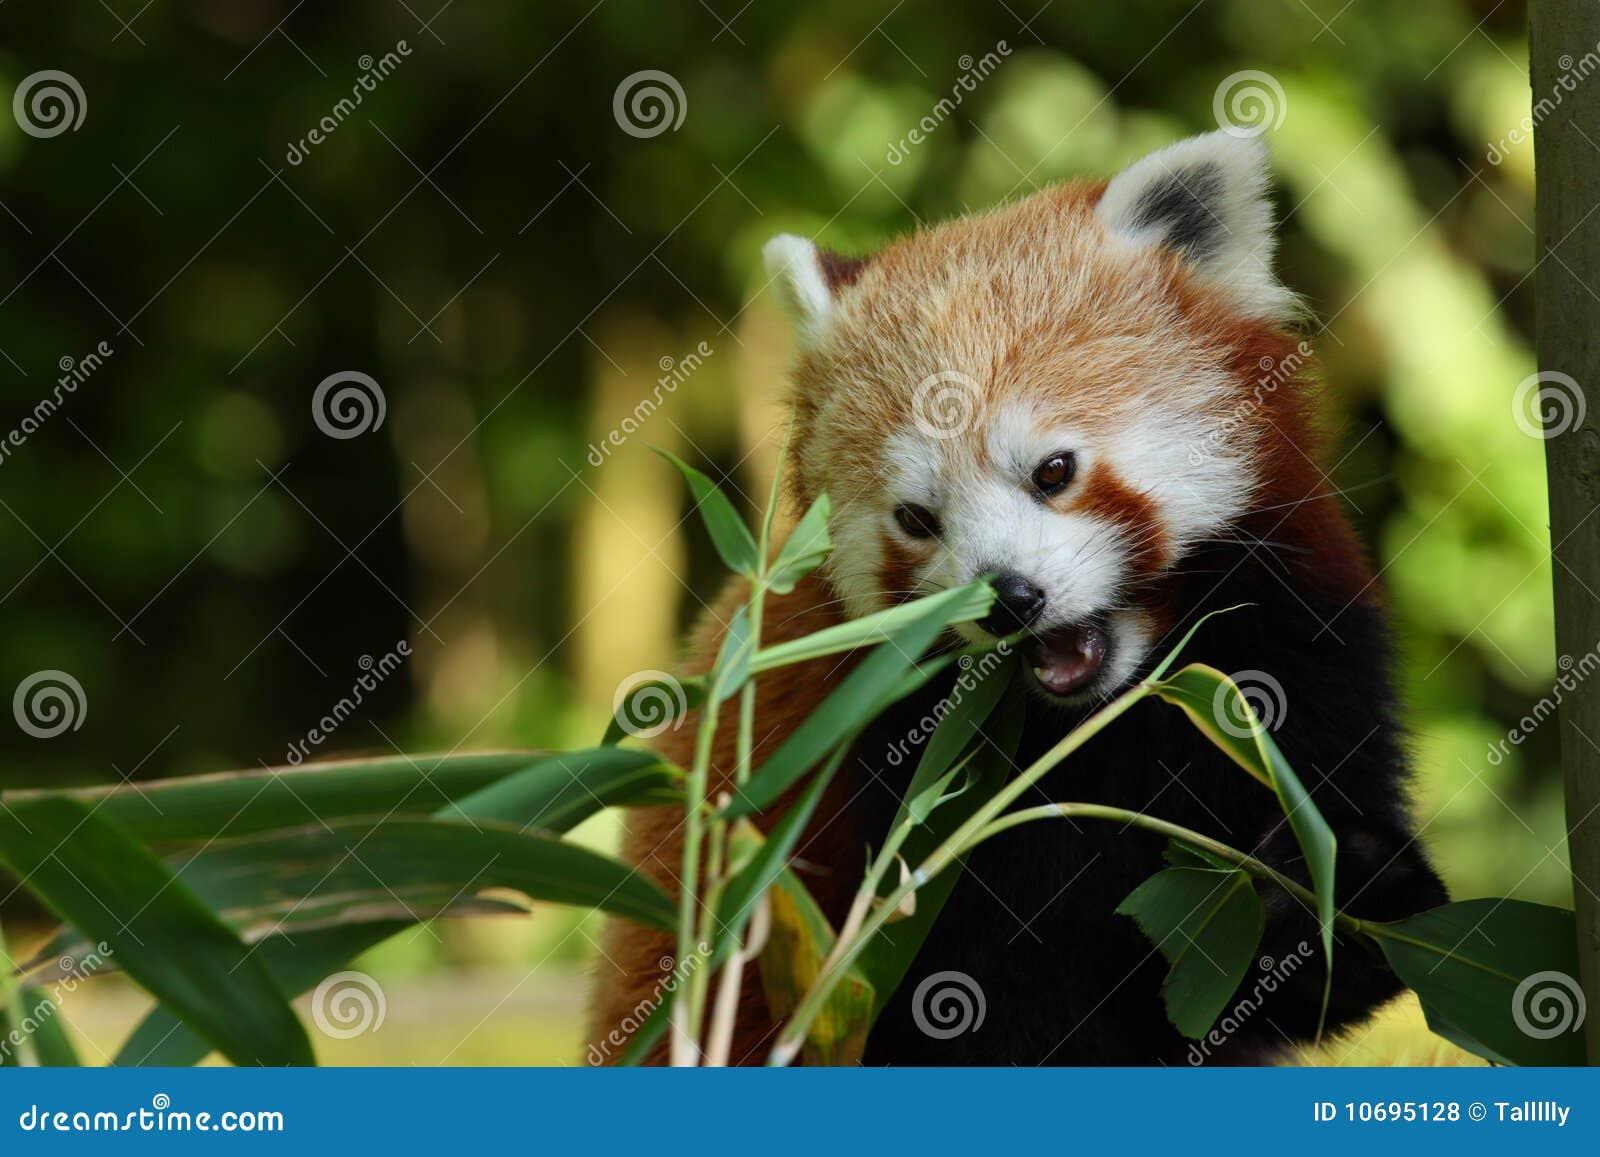 Panda bite - photo#44